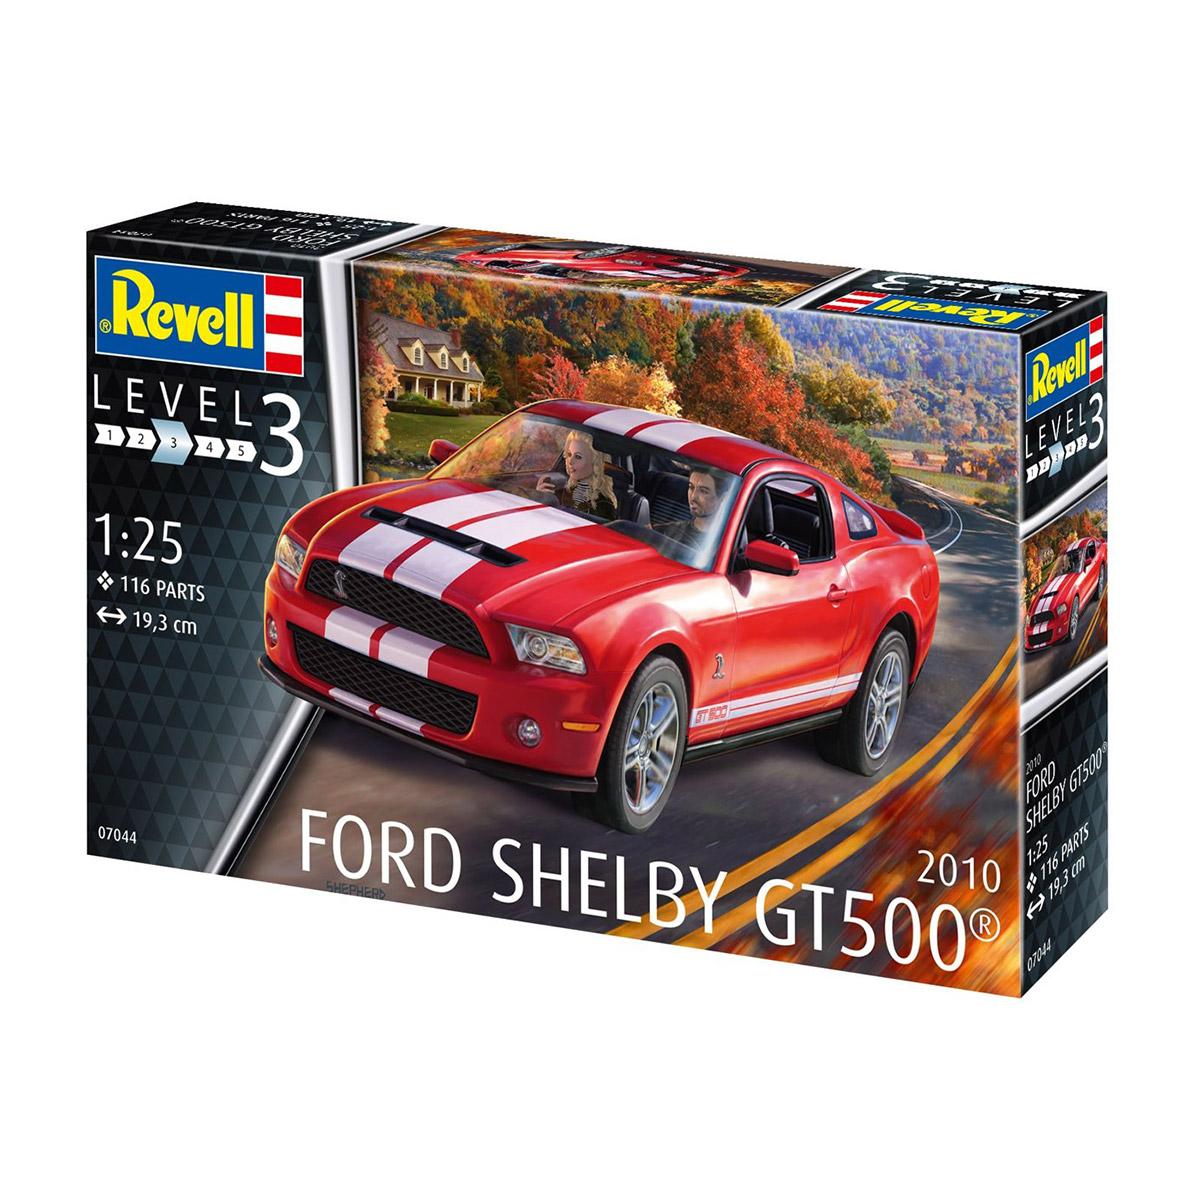 Afbeelding van Bouwdoos Ford Shelby GT500